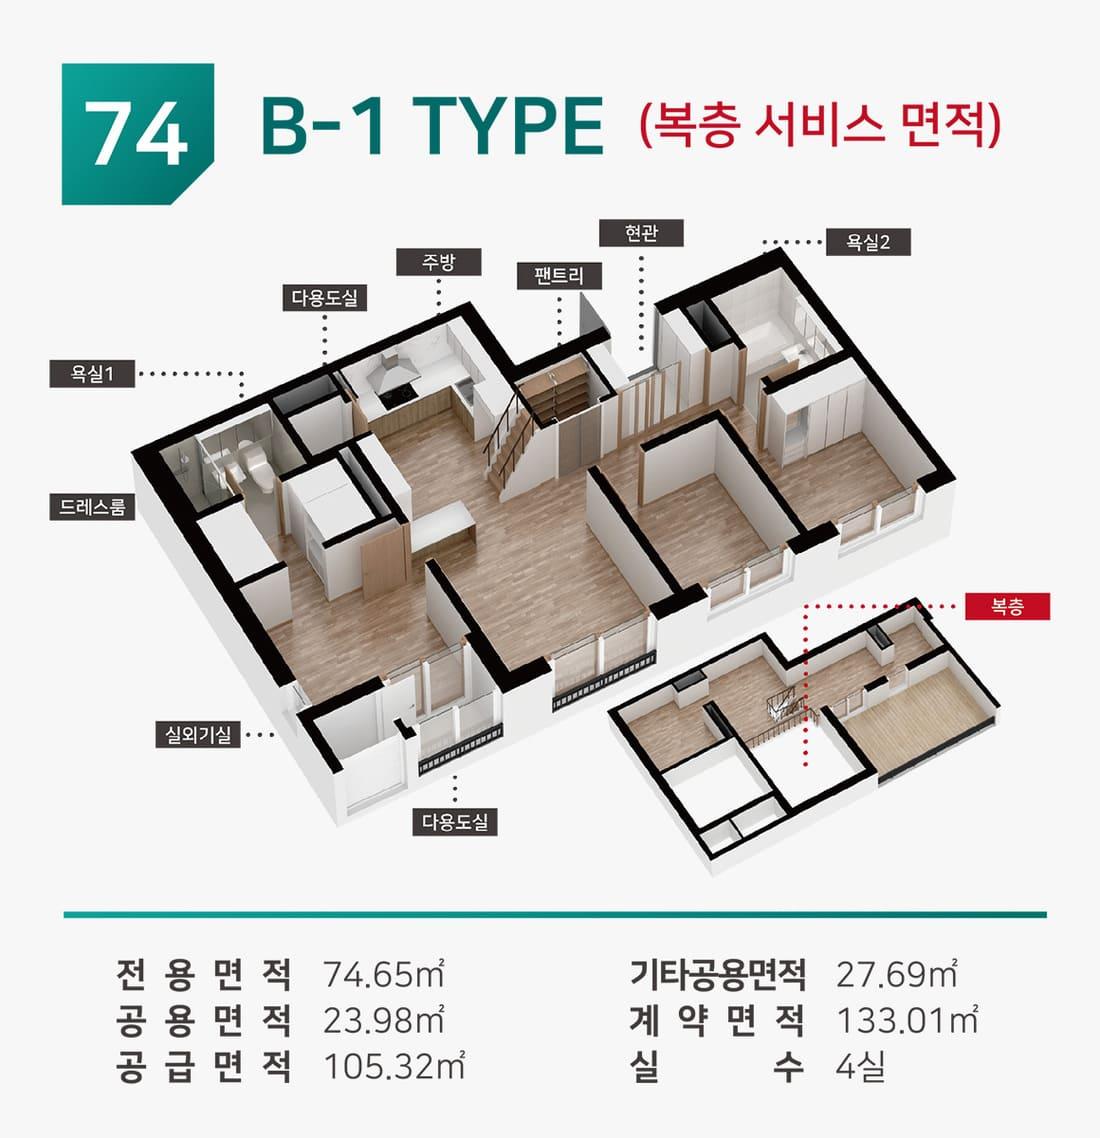 74B1(복층)